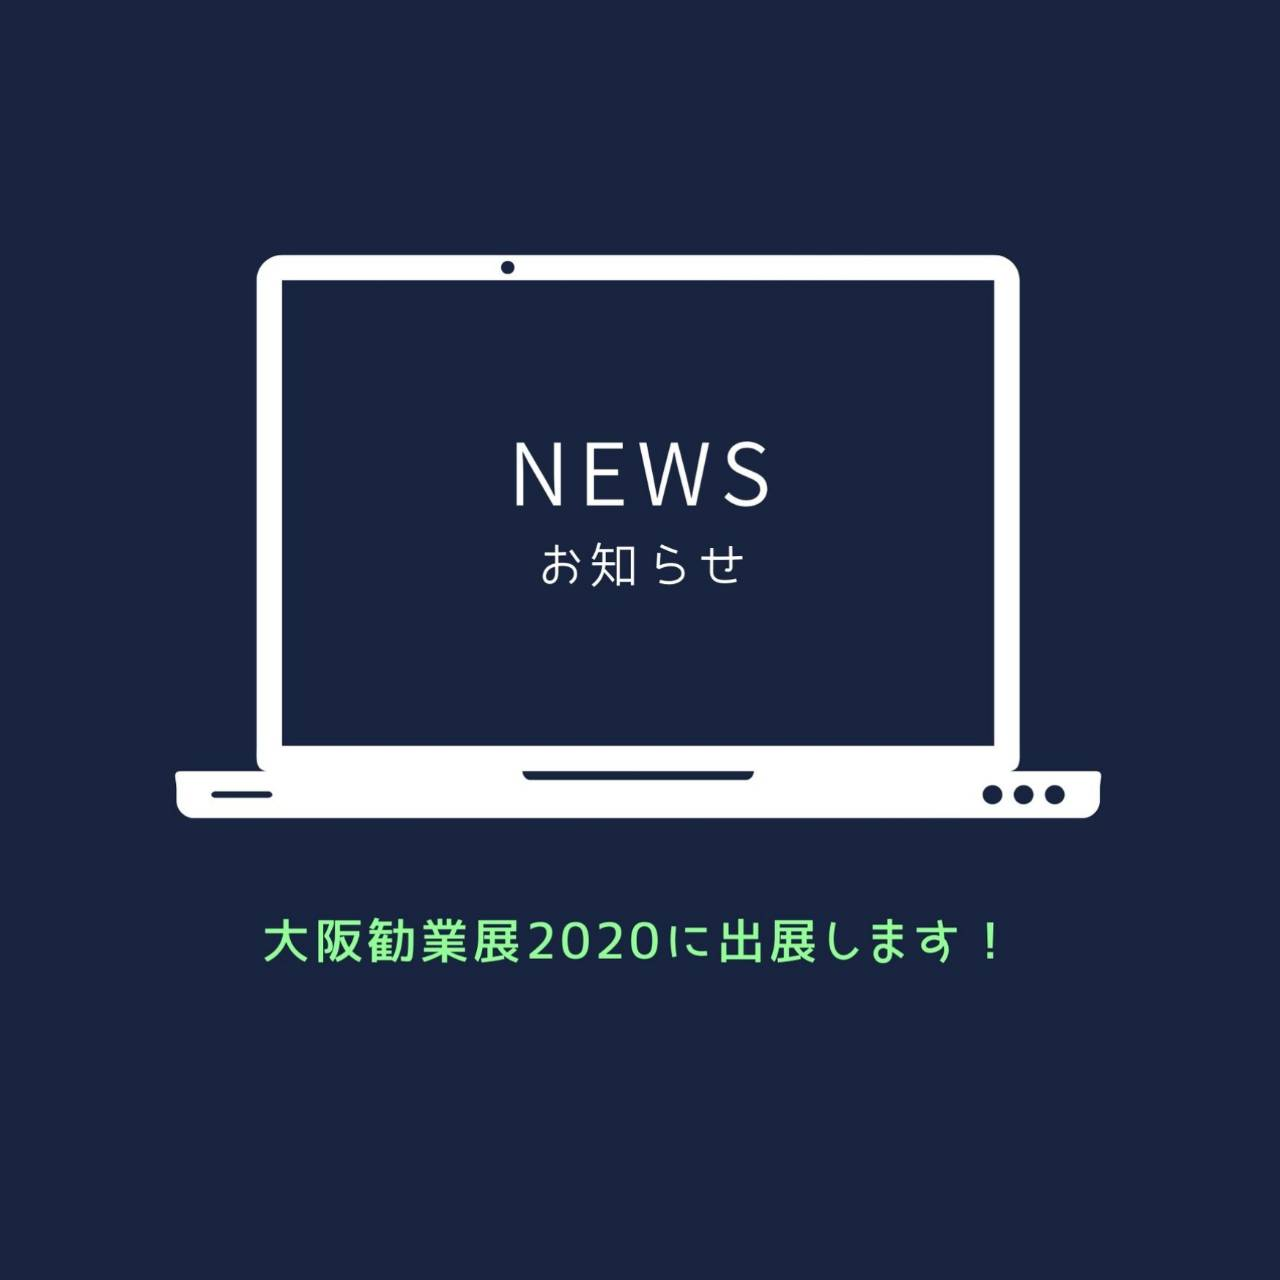 大阪勧業展2020@マイドームおおさか に出展します